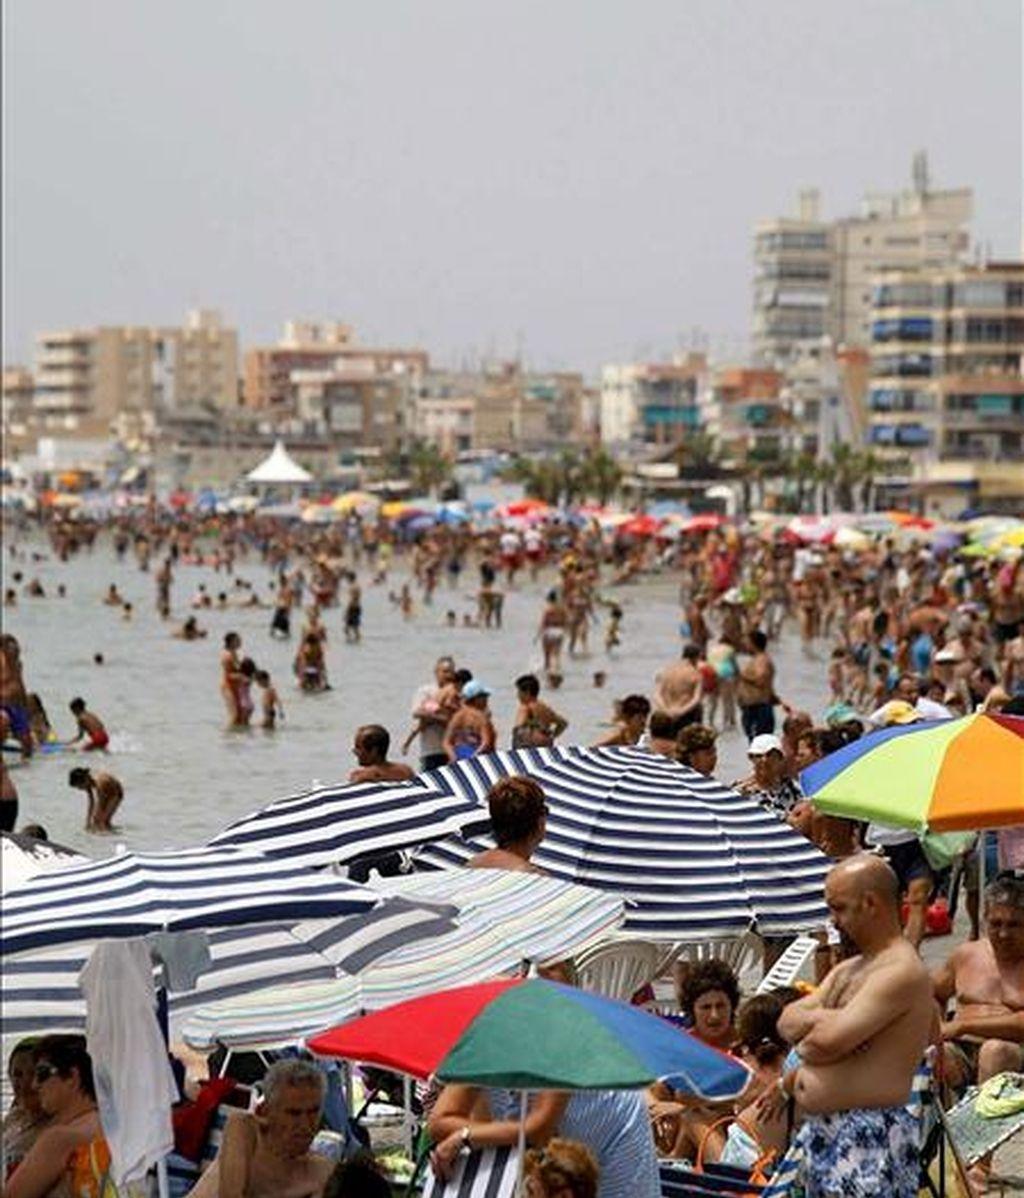 Una playa de Santa Pola. EFE/Archivo